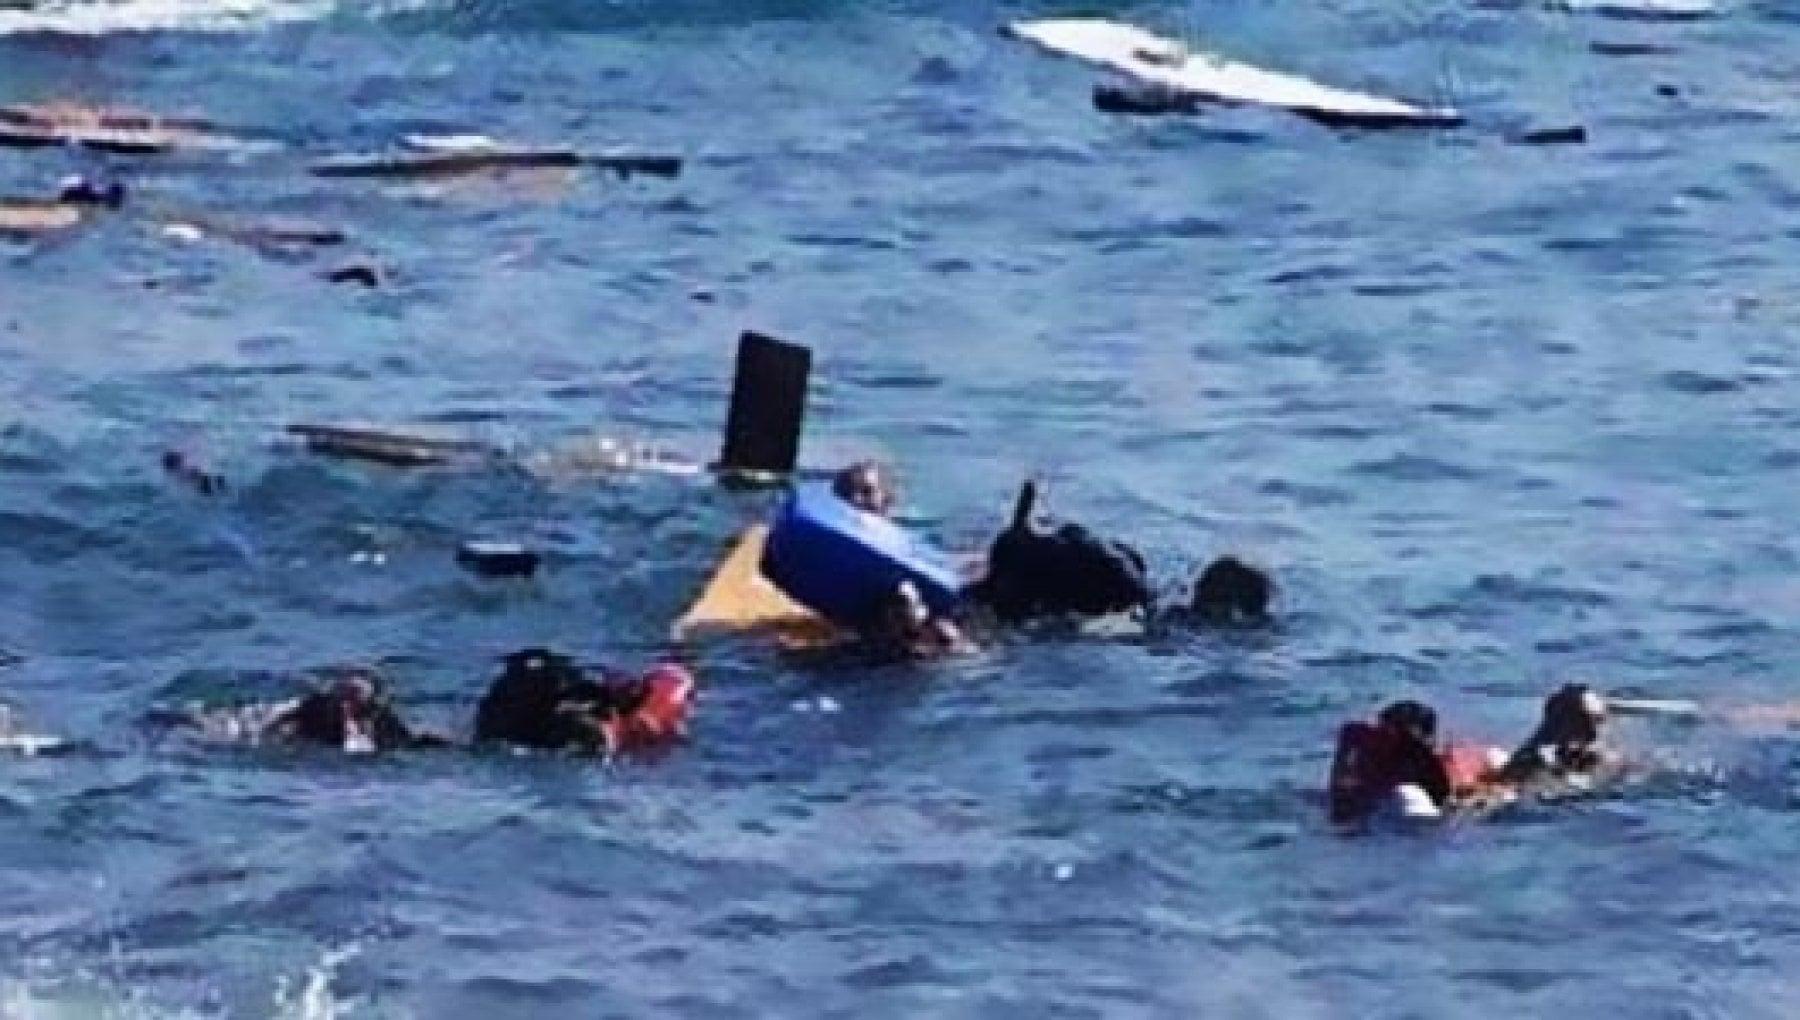 Migranti naufragio al largo della Libia. Oltre 40 vittime10 i superstiti